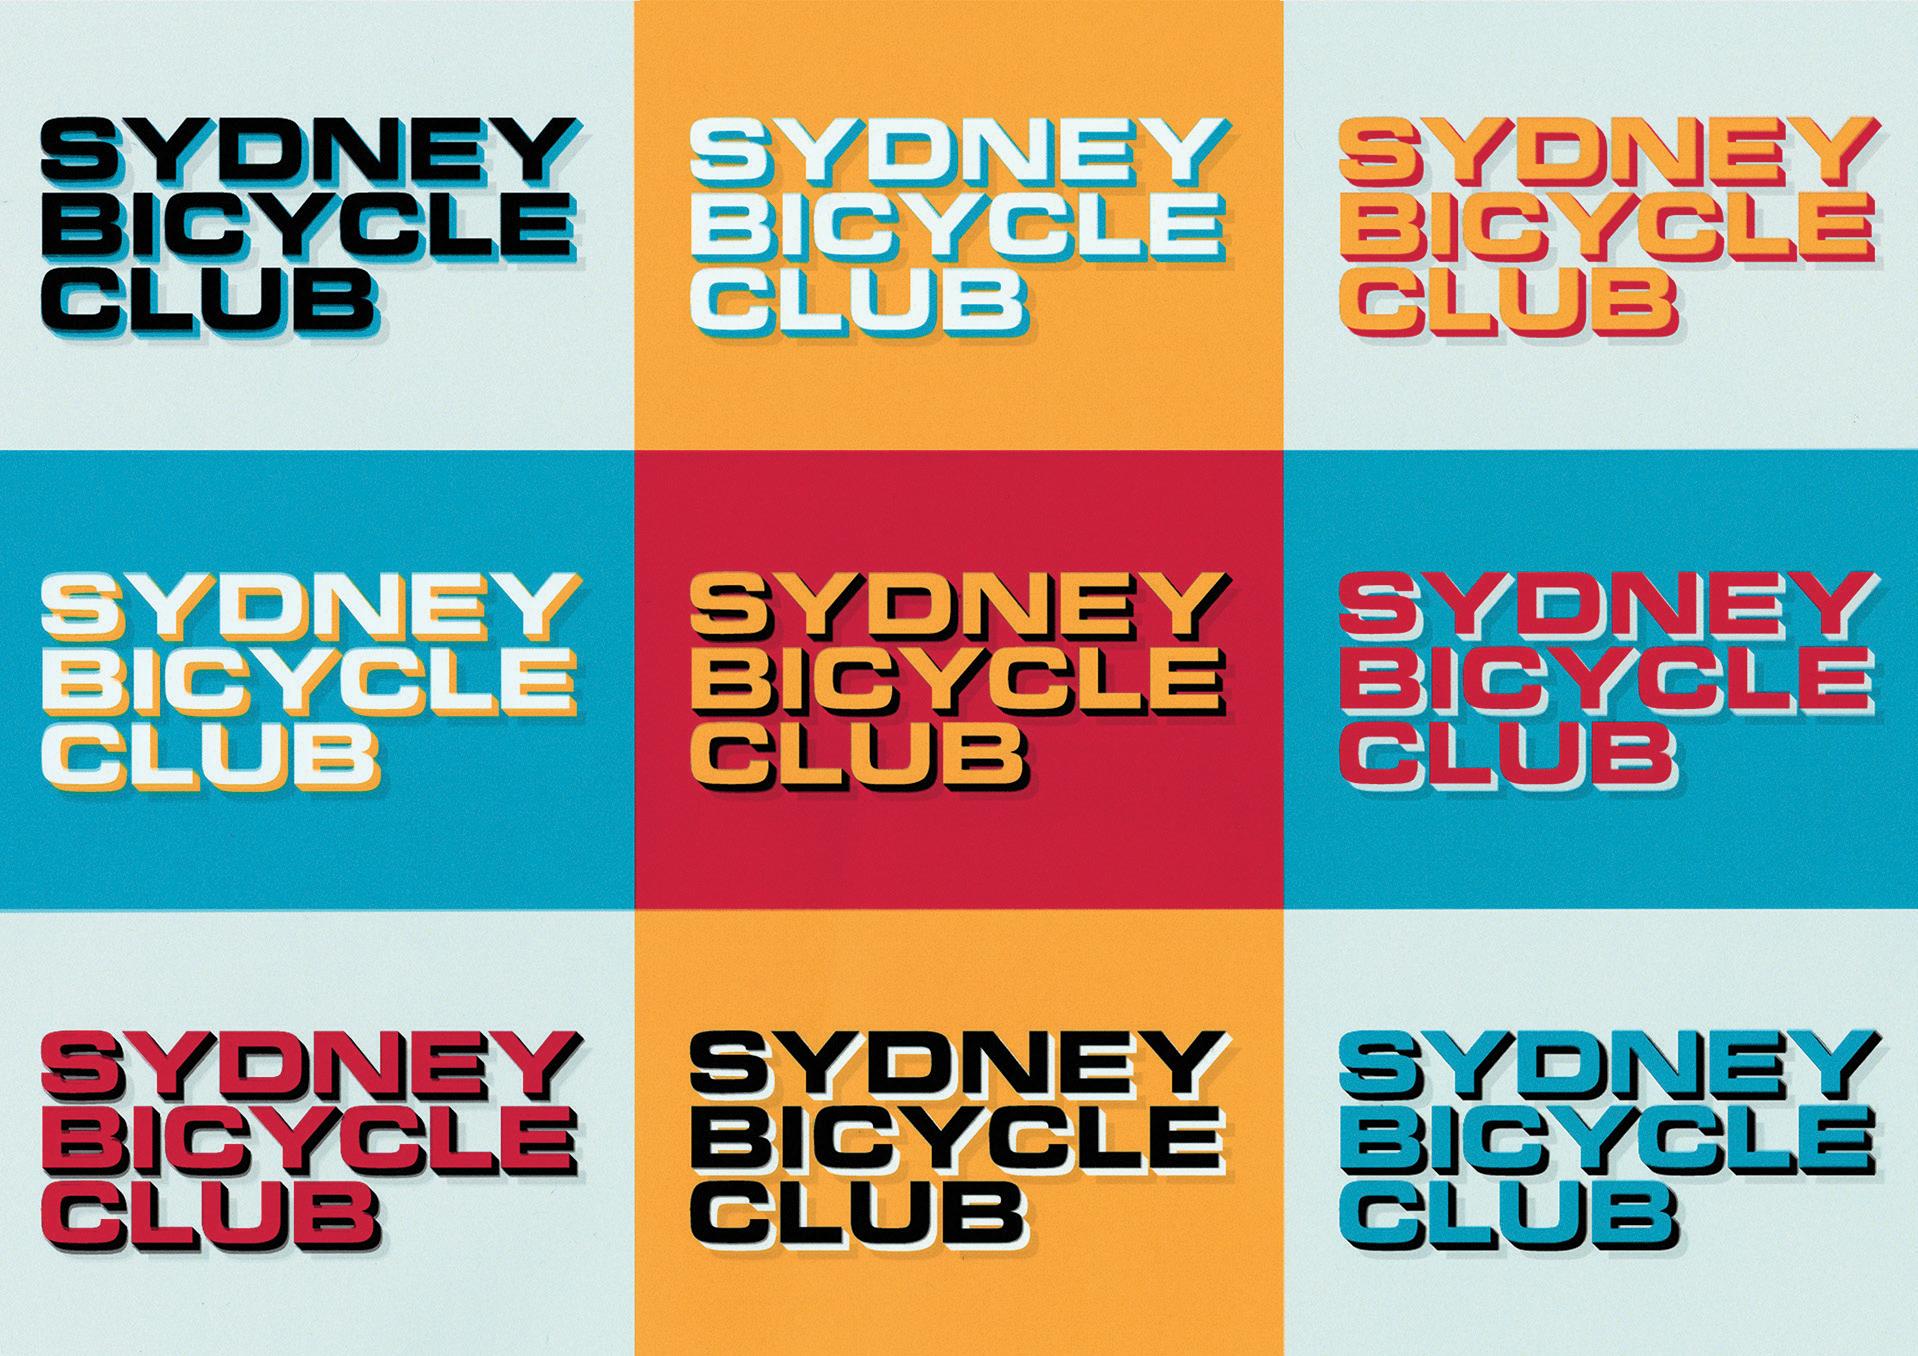 New Bike Share App in Sydney